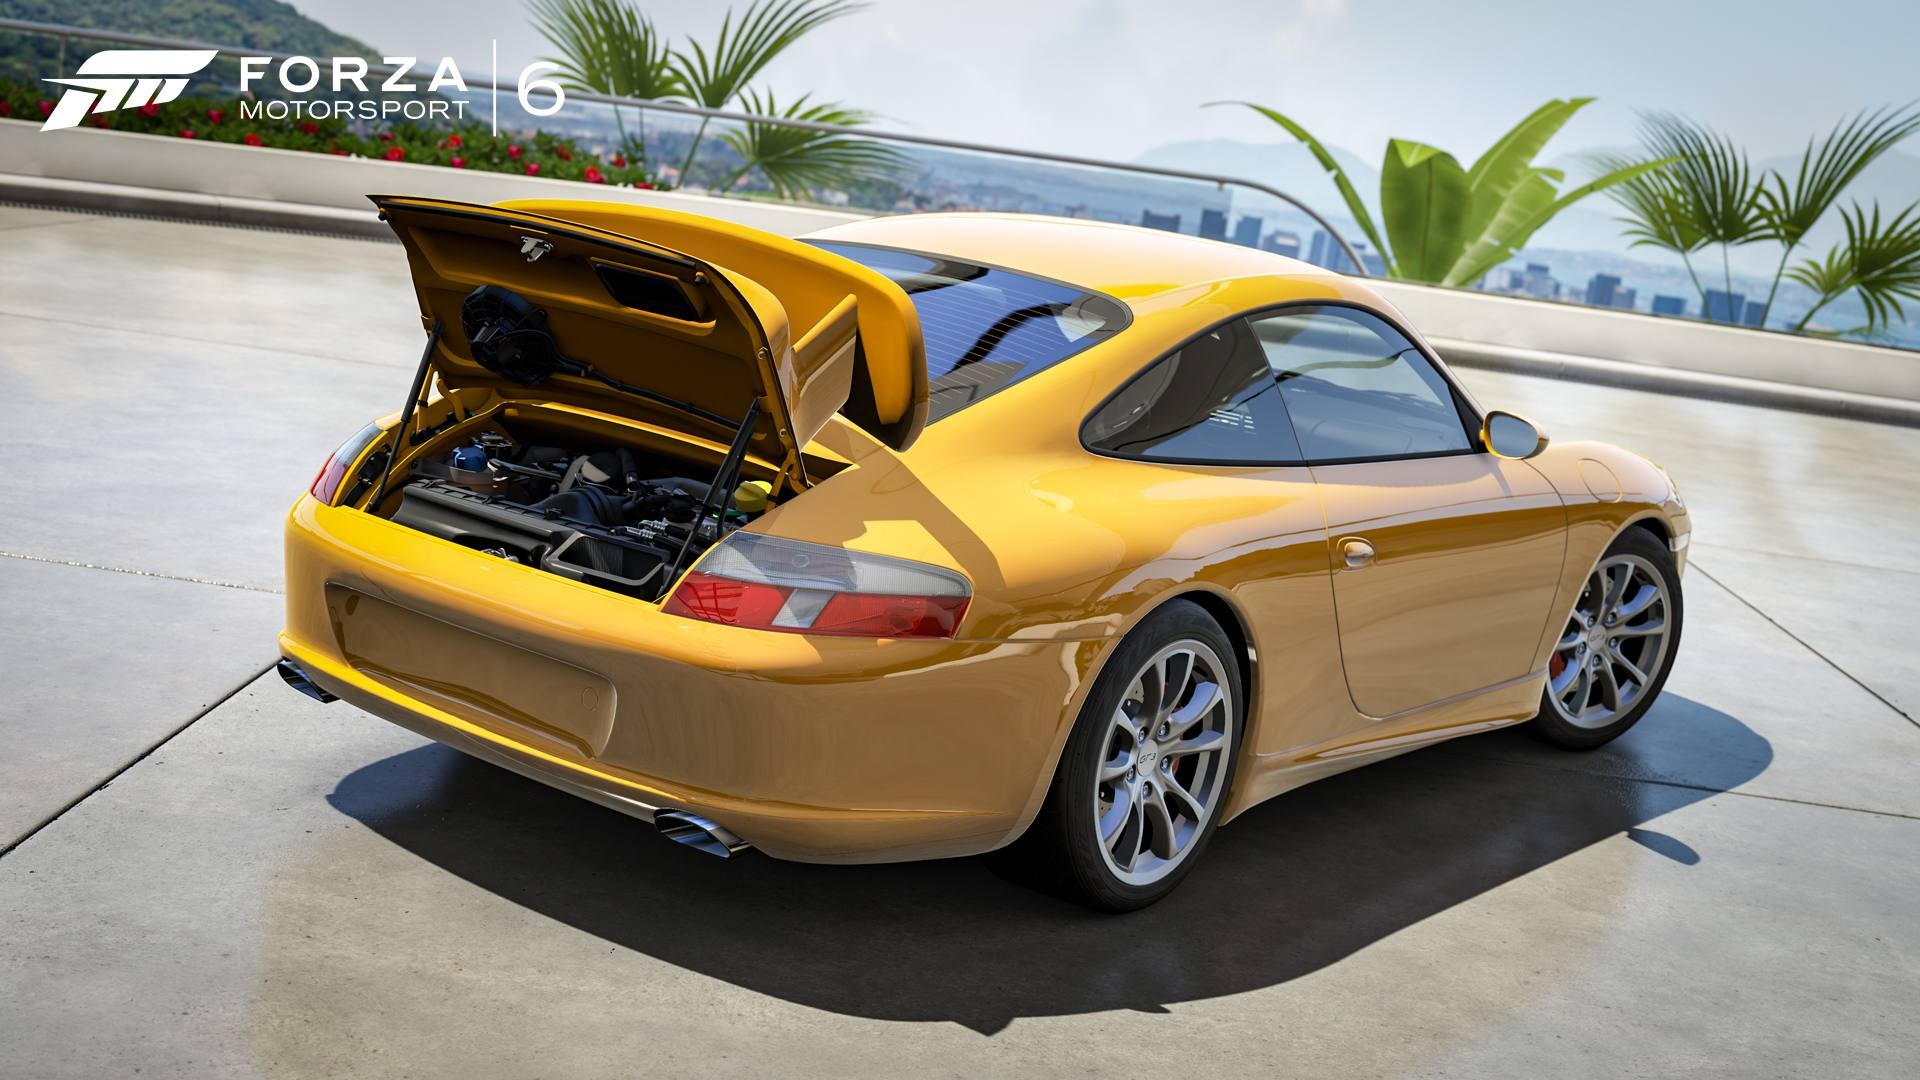 Forza Motorsport 6 01-03-16 2004 Porsche 911 GT3